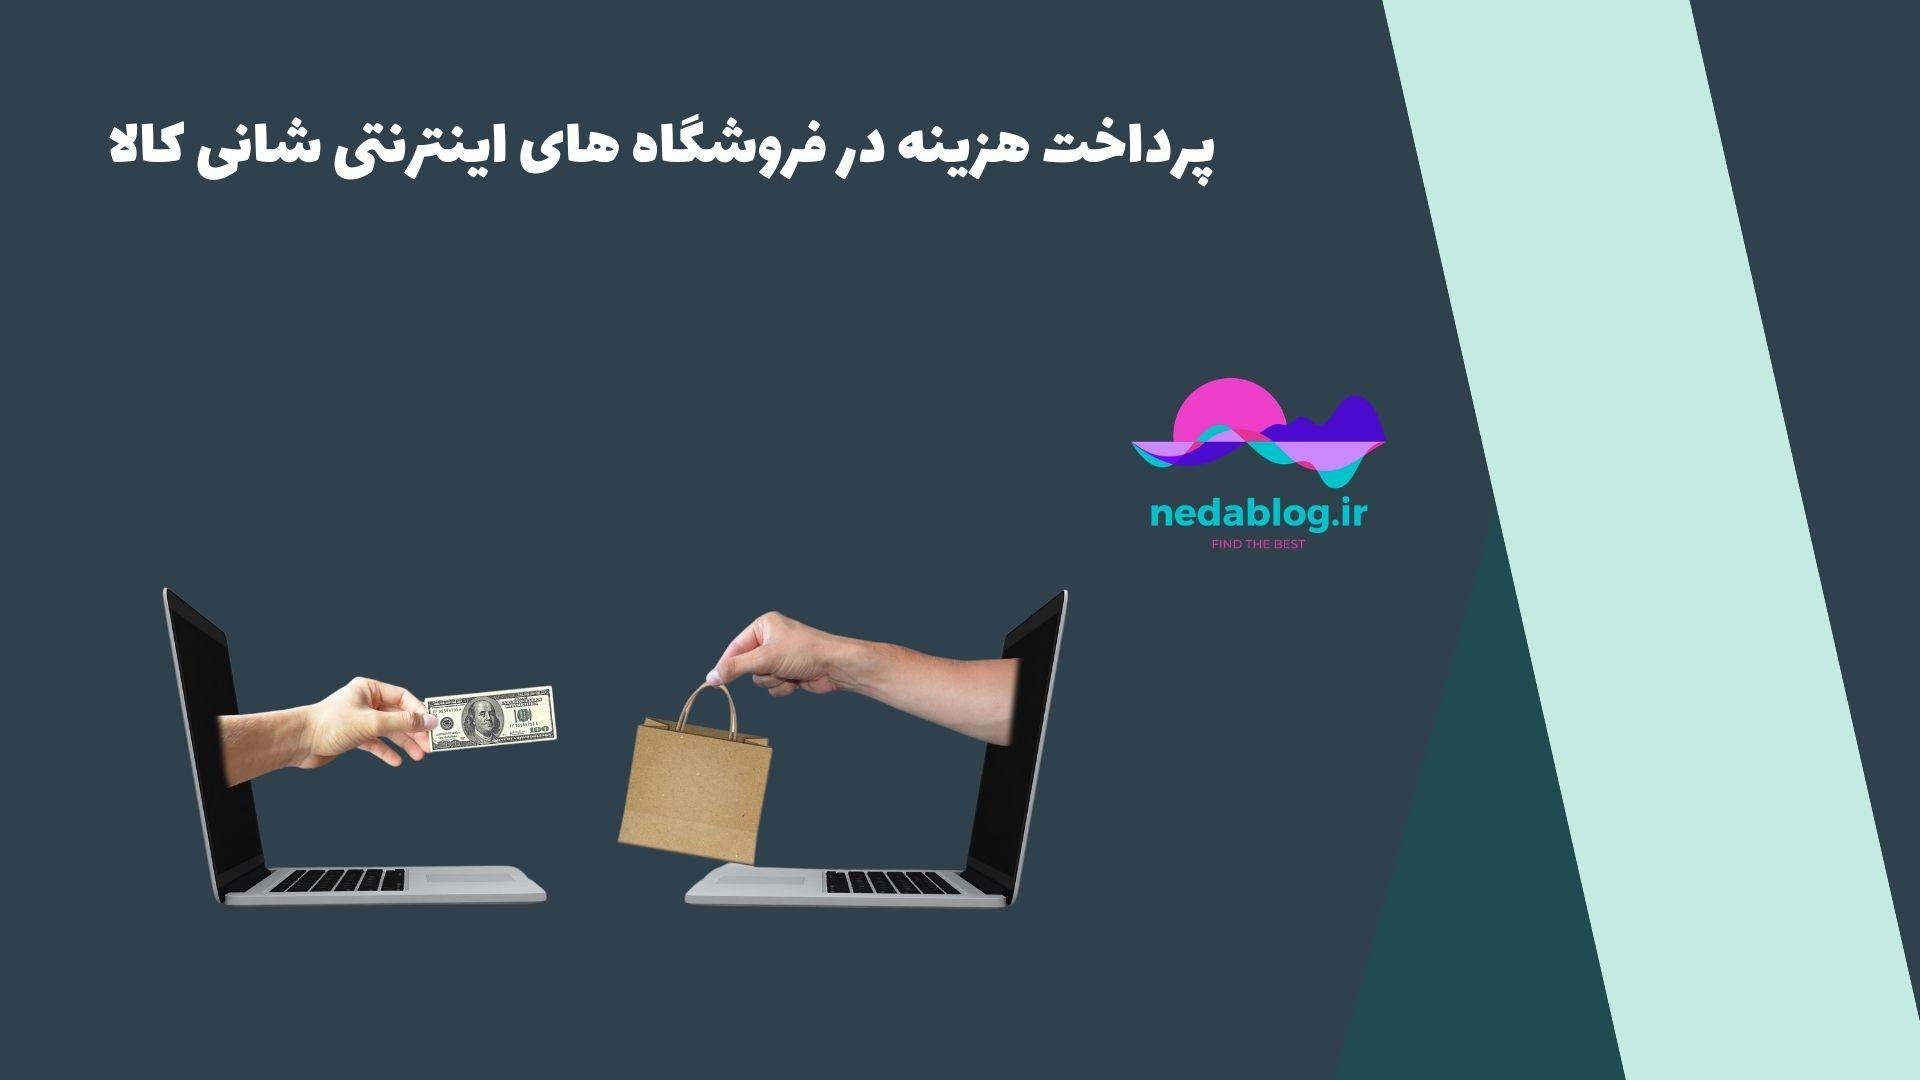 پرداخت هزینه در فروشگاه های اینترنتی شانی کالا